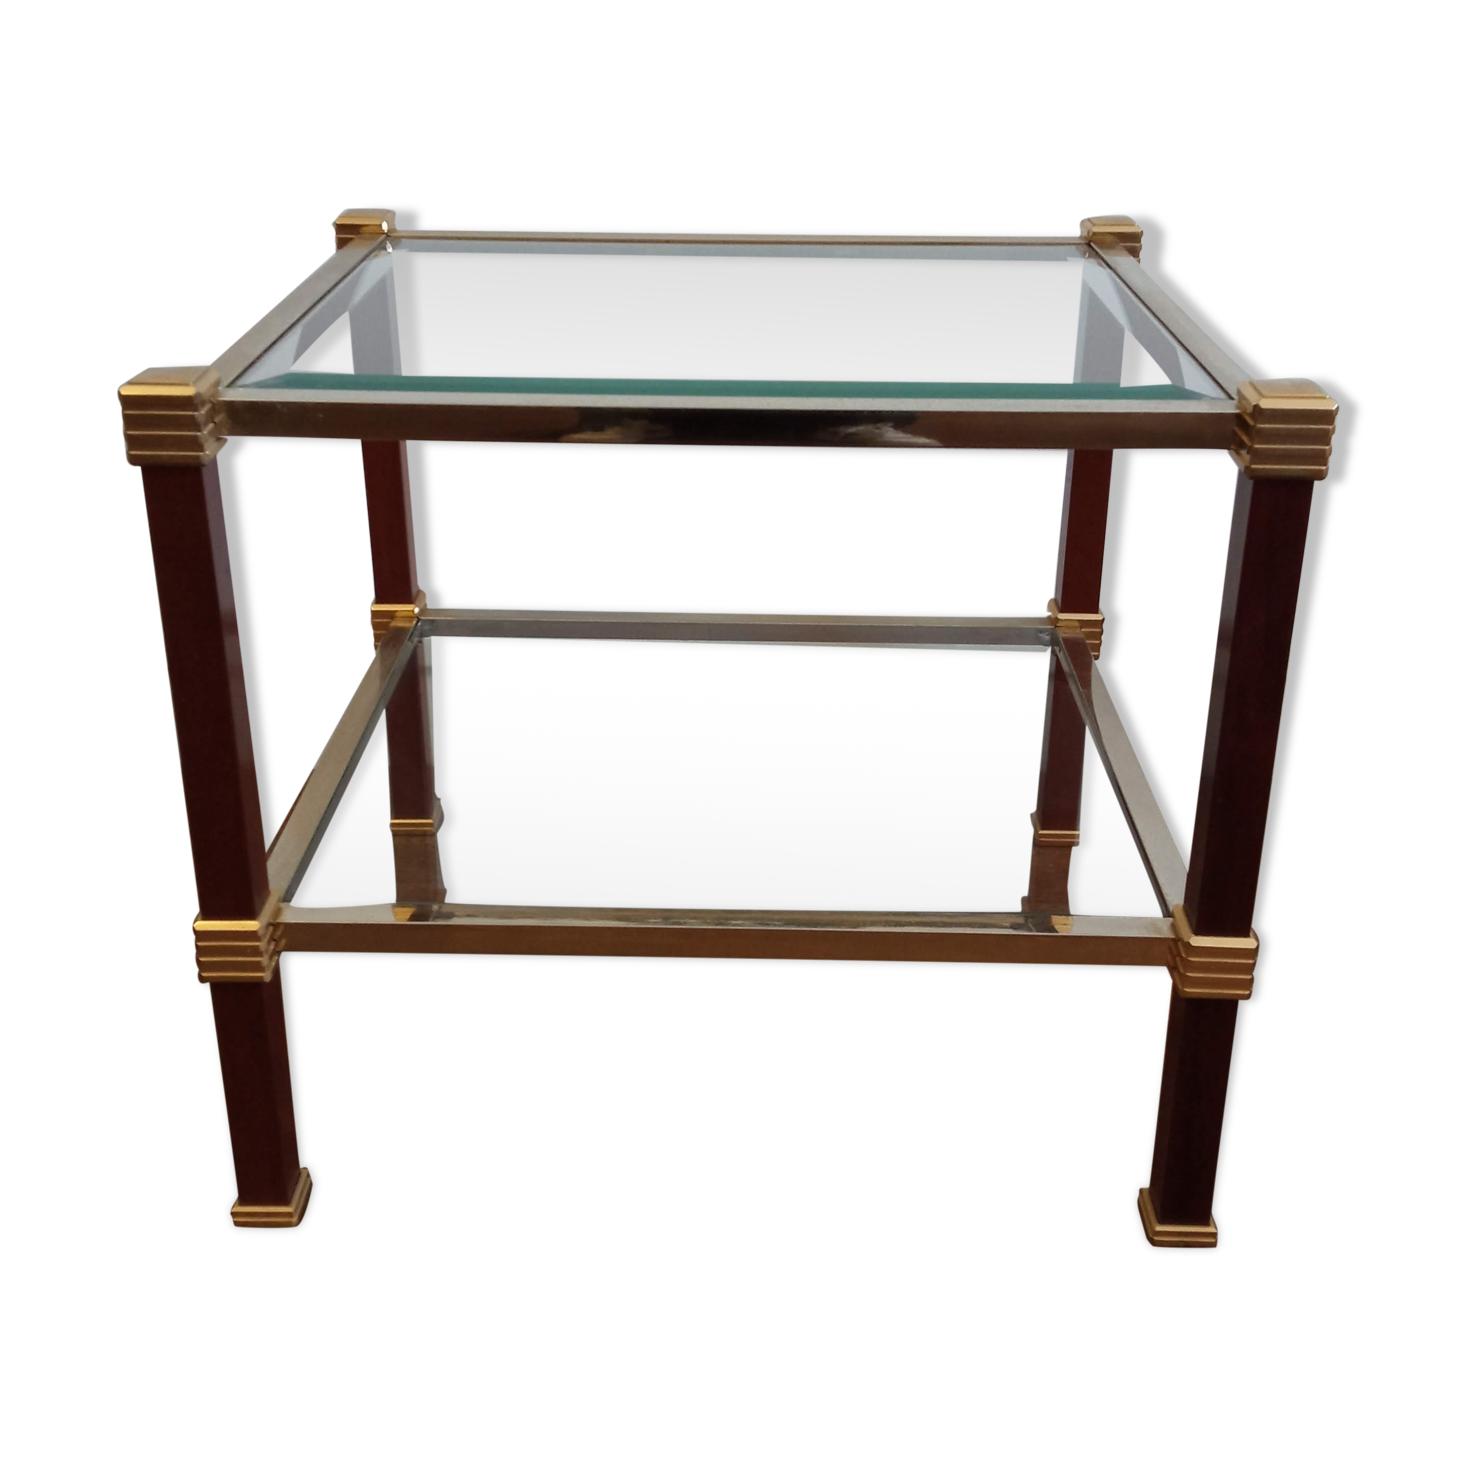 Table basse Roche Bobois en bois laiton et verre années 70